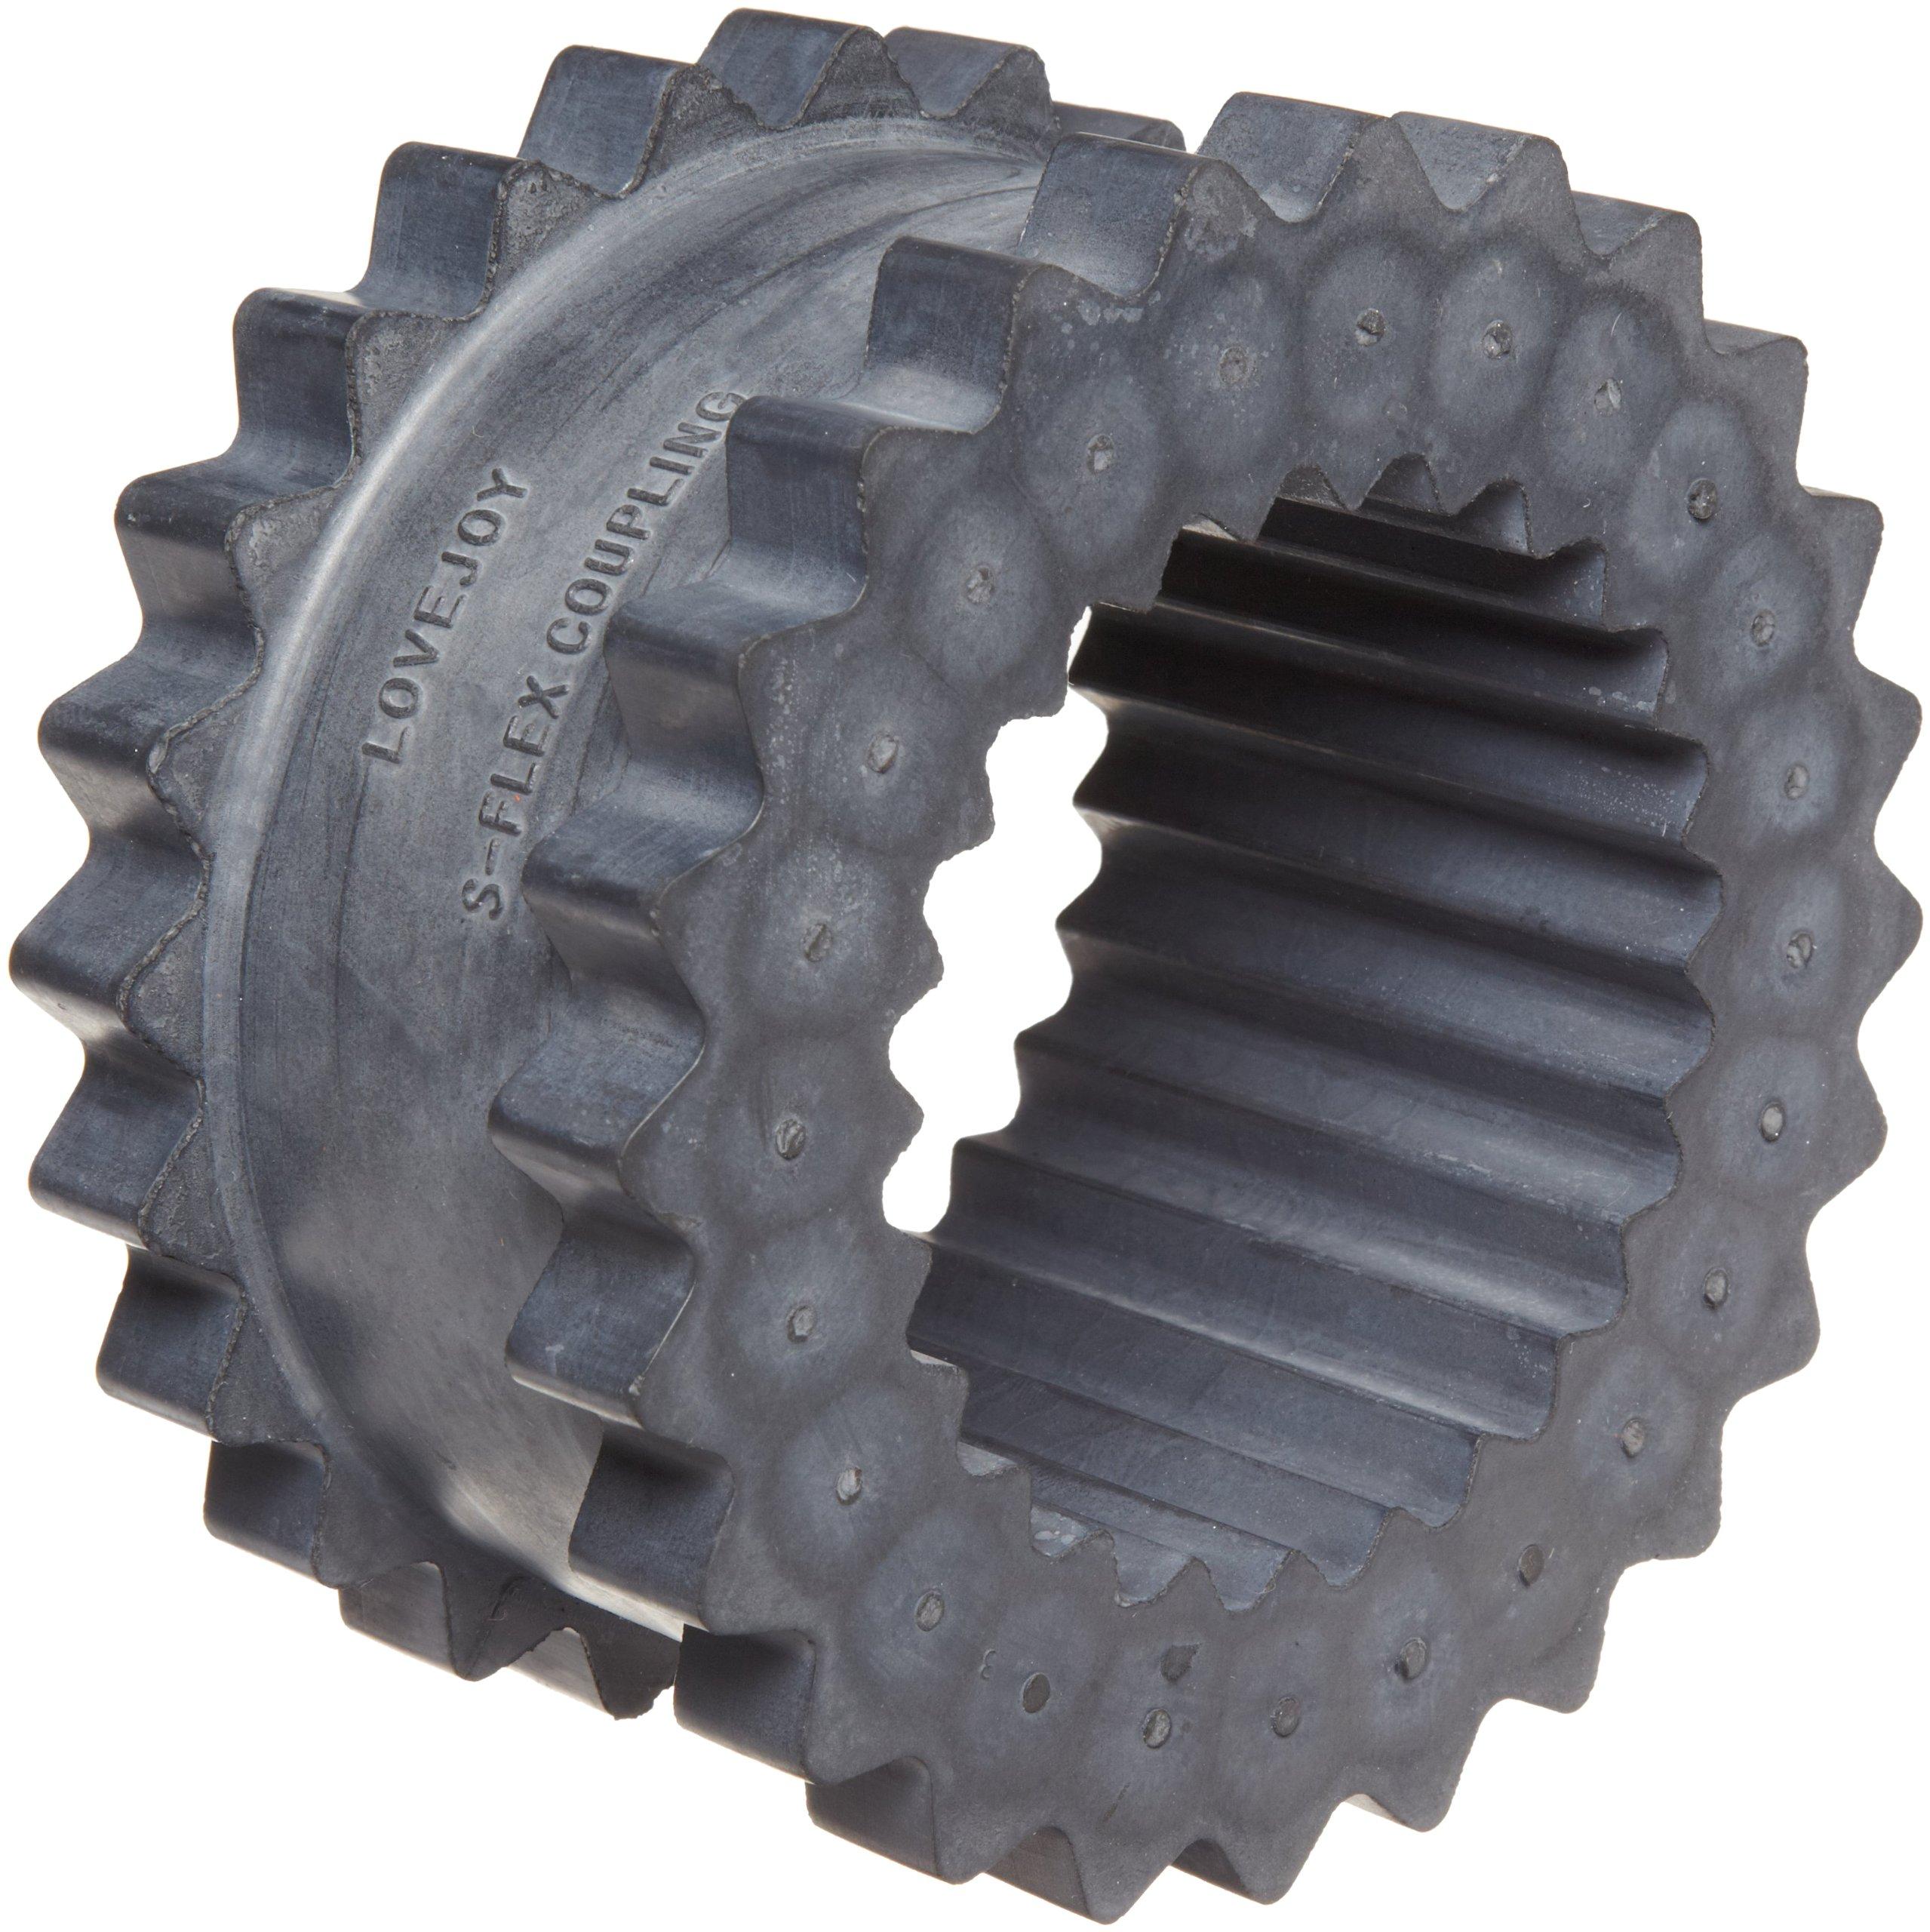 Lovejoy 36405 Size 9JE Solid Design S-Flex Coupling Sleeve, EPDM Rubber, 6'' OD, 3'' Elastomer Length, 1800 in-lbs Nominal Torque